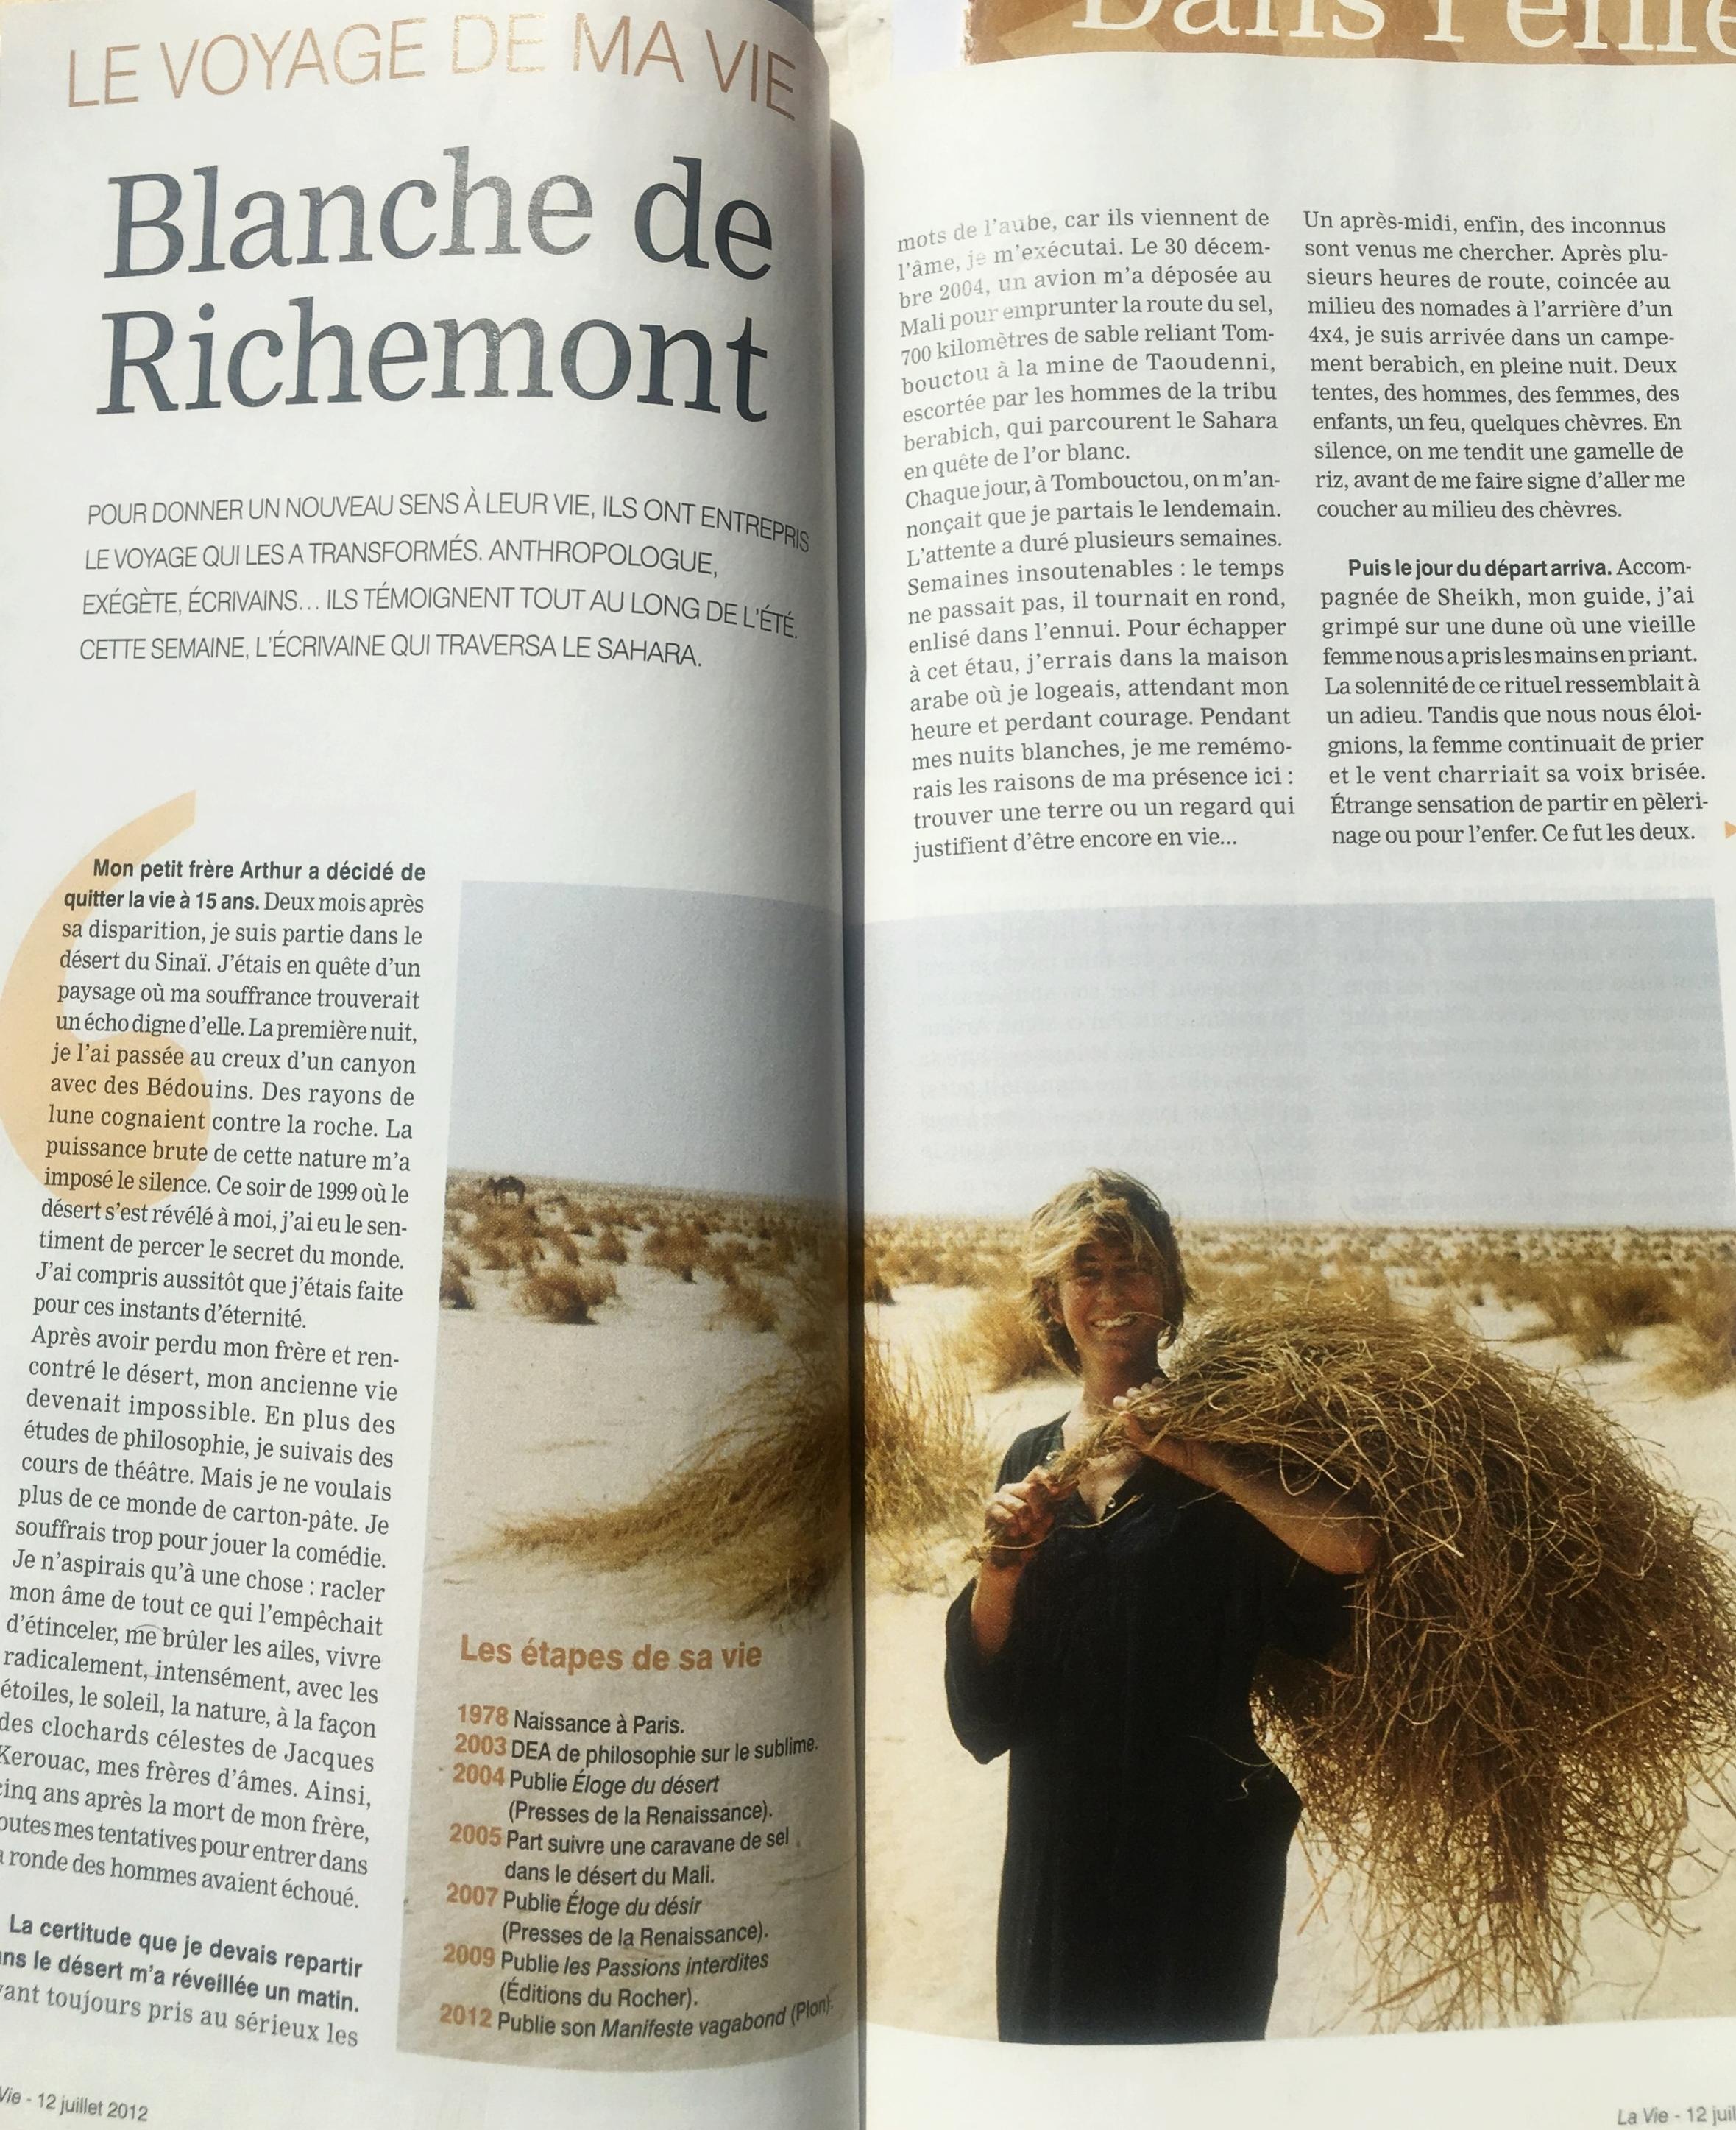 Portrait Magazine La Vie. Juillet 2012